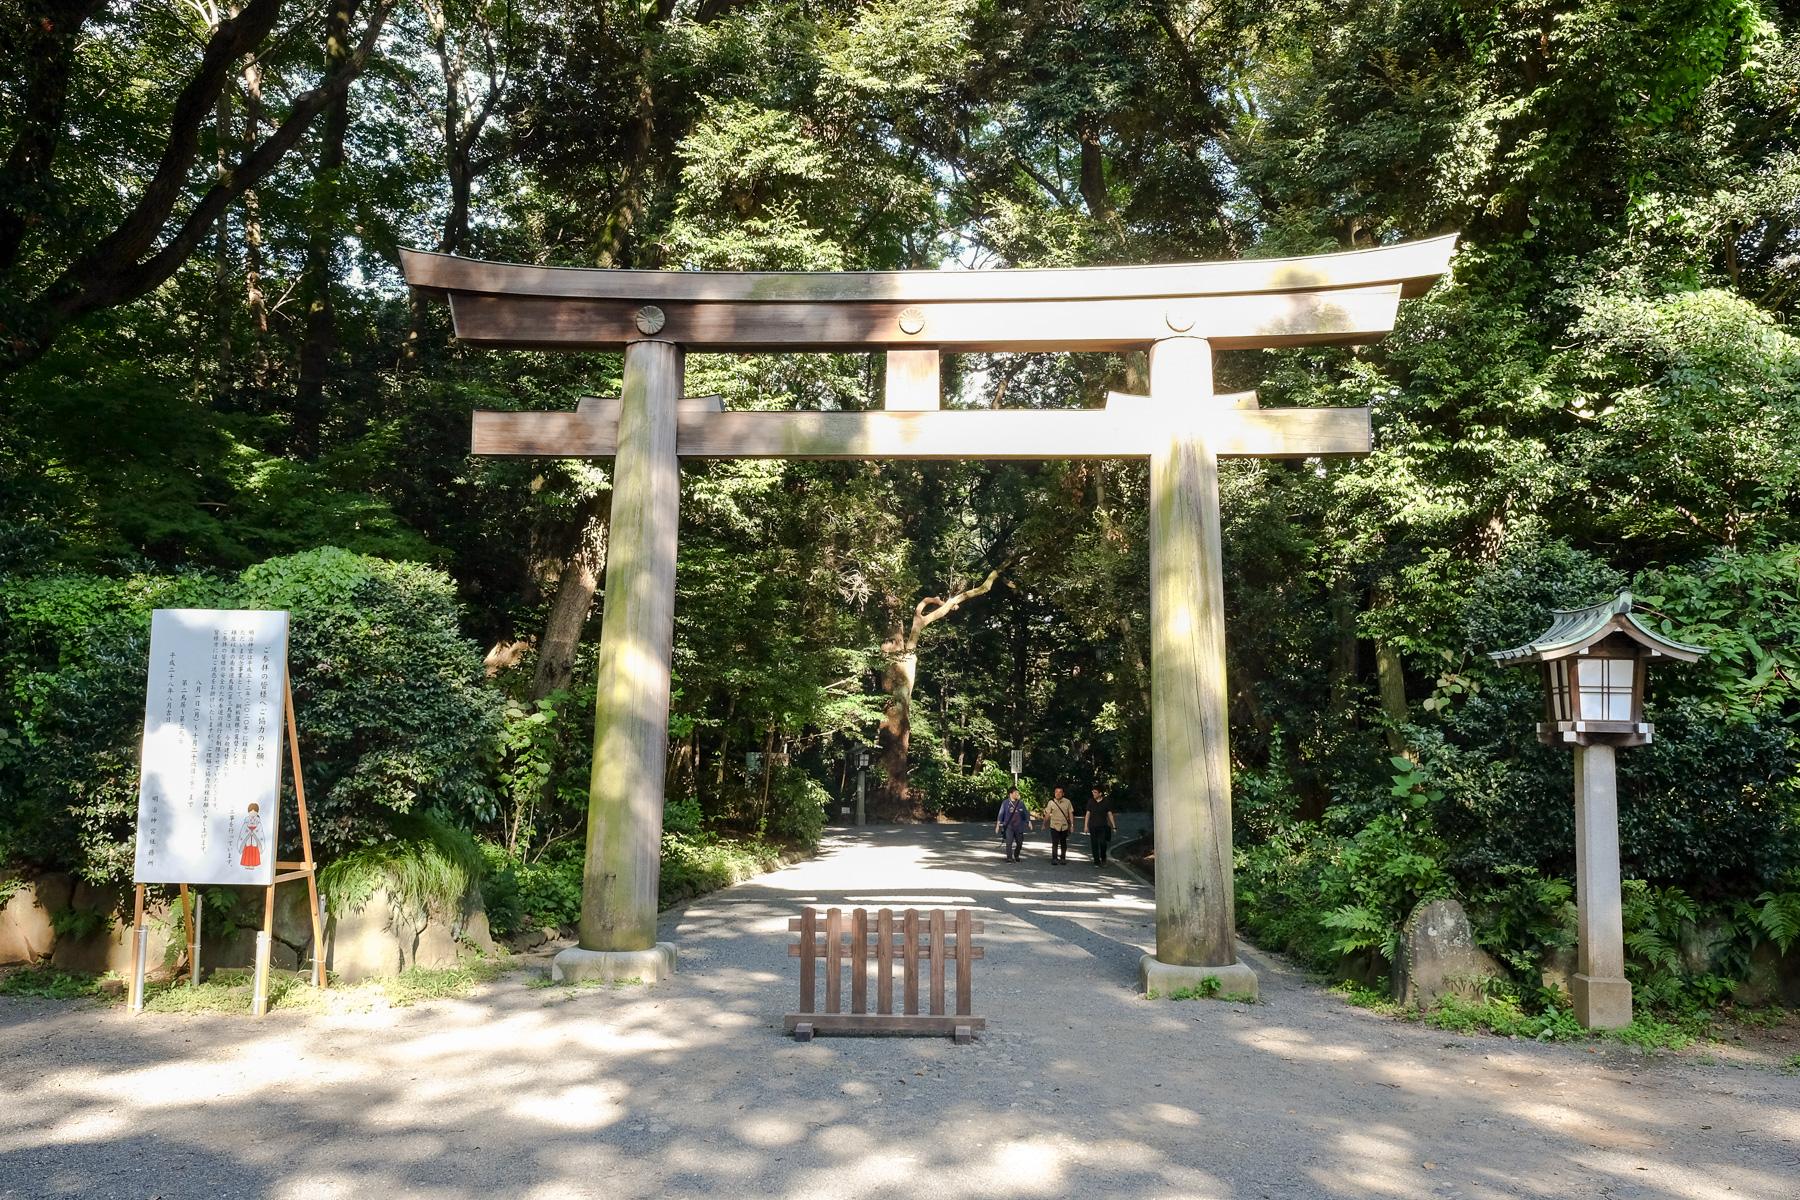 Der Eingang zum Schrein, *torii* genannt